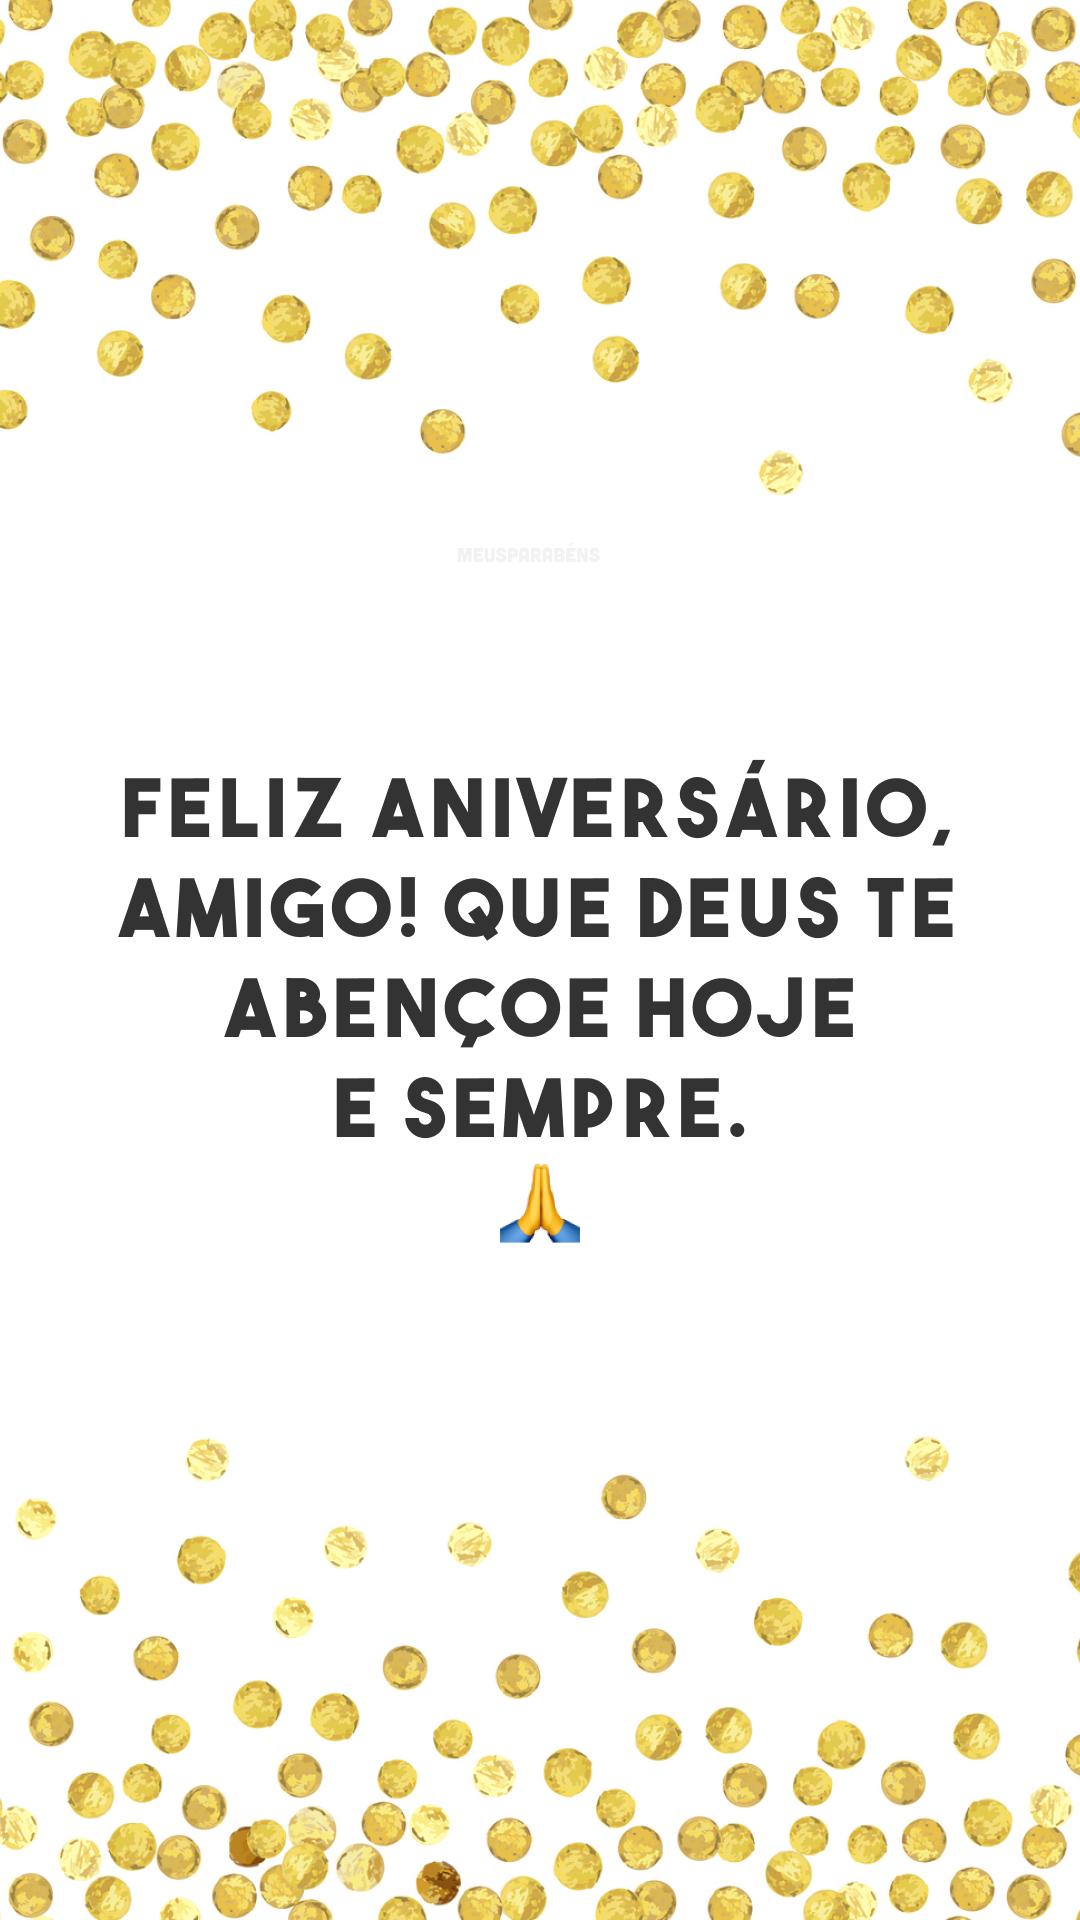 Feliz aniversário, amigo! Que Deus te abençoe hoje e sempre. 🙏